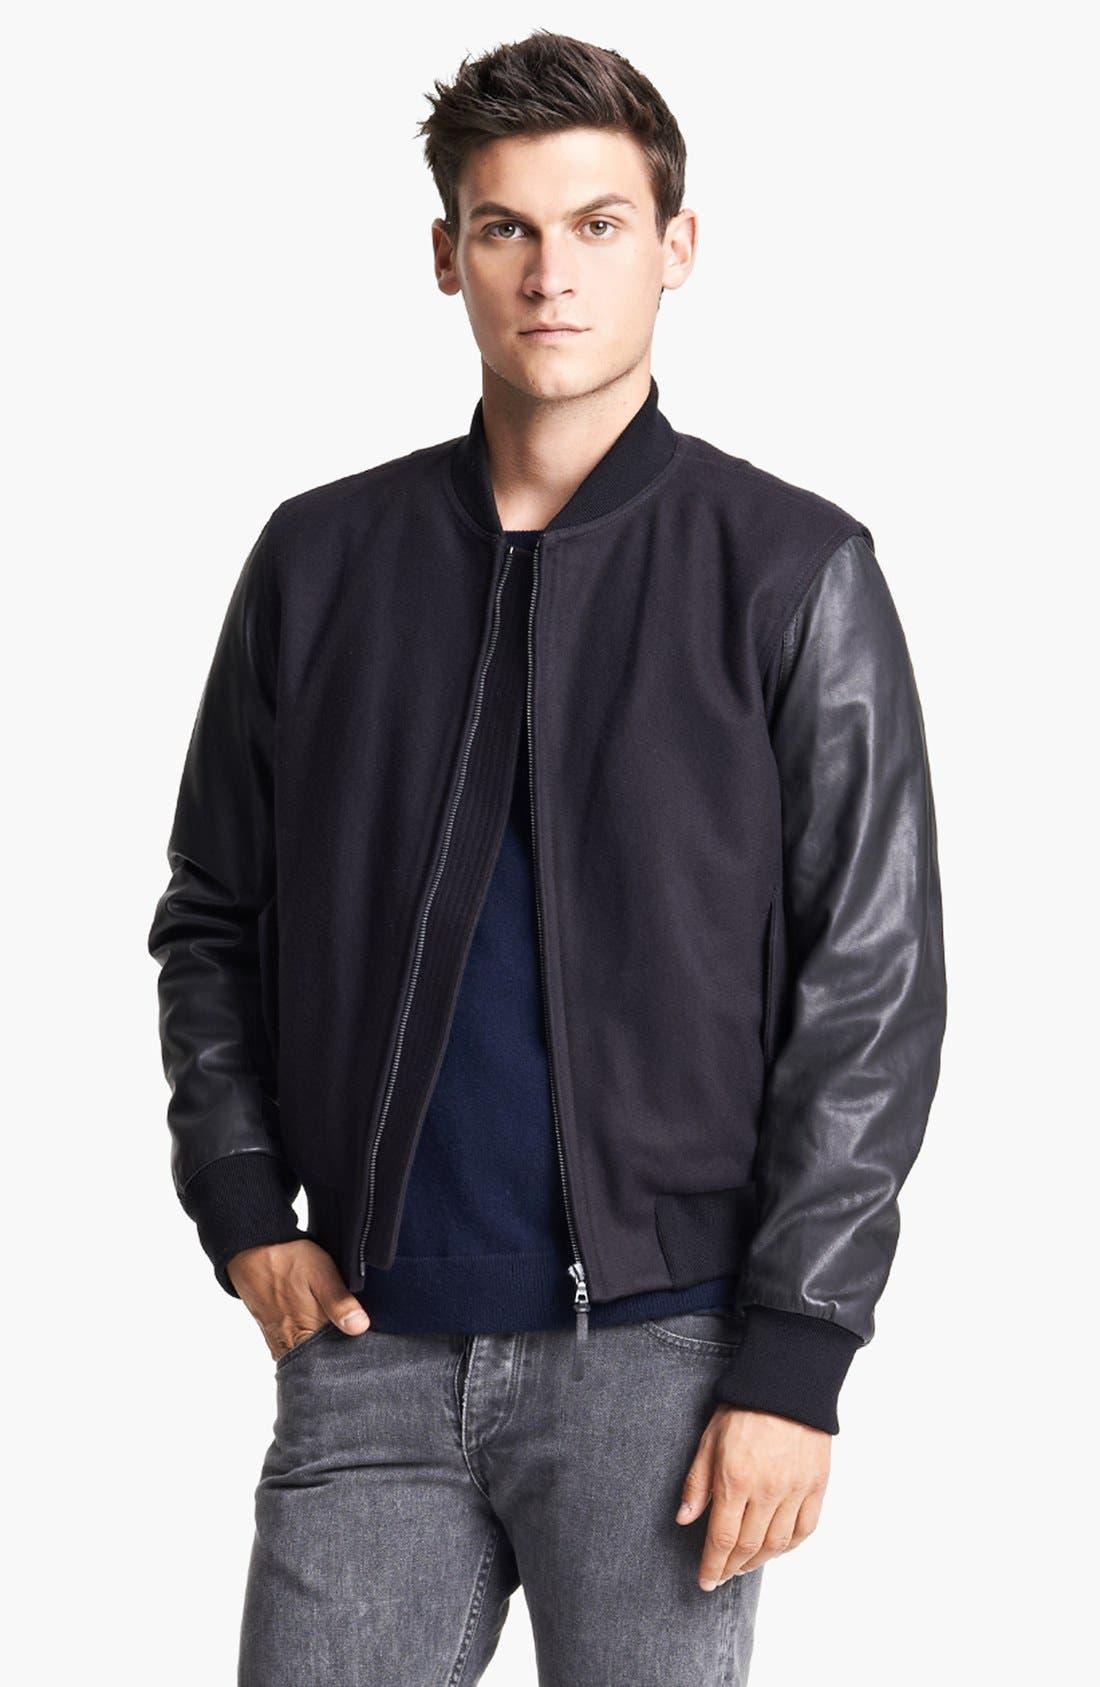 Alternate Image 1 Selected - rag & bone 'Bastion' Baseball Jacket with Leather Sleeves